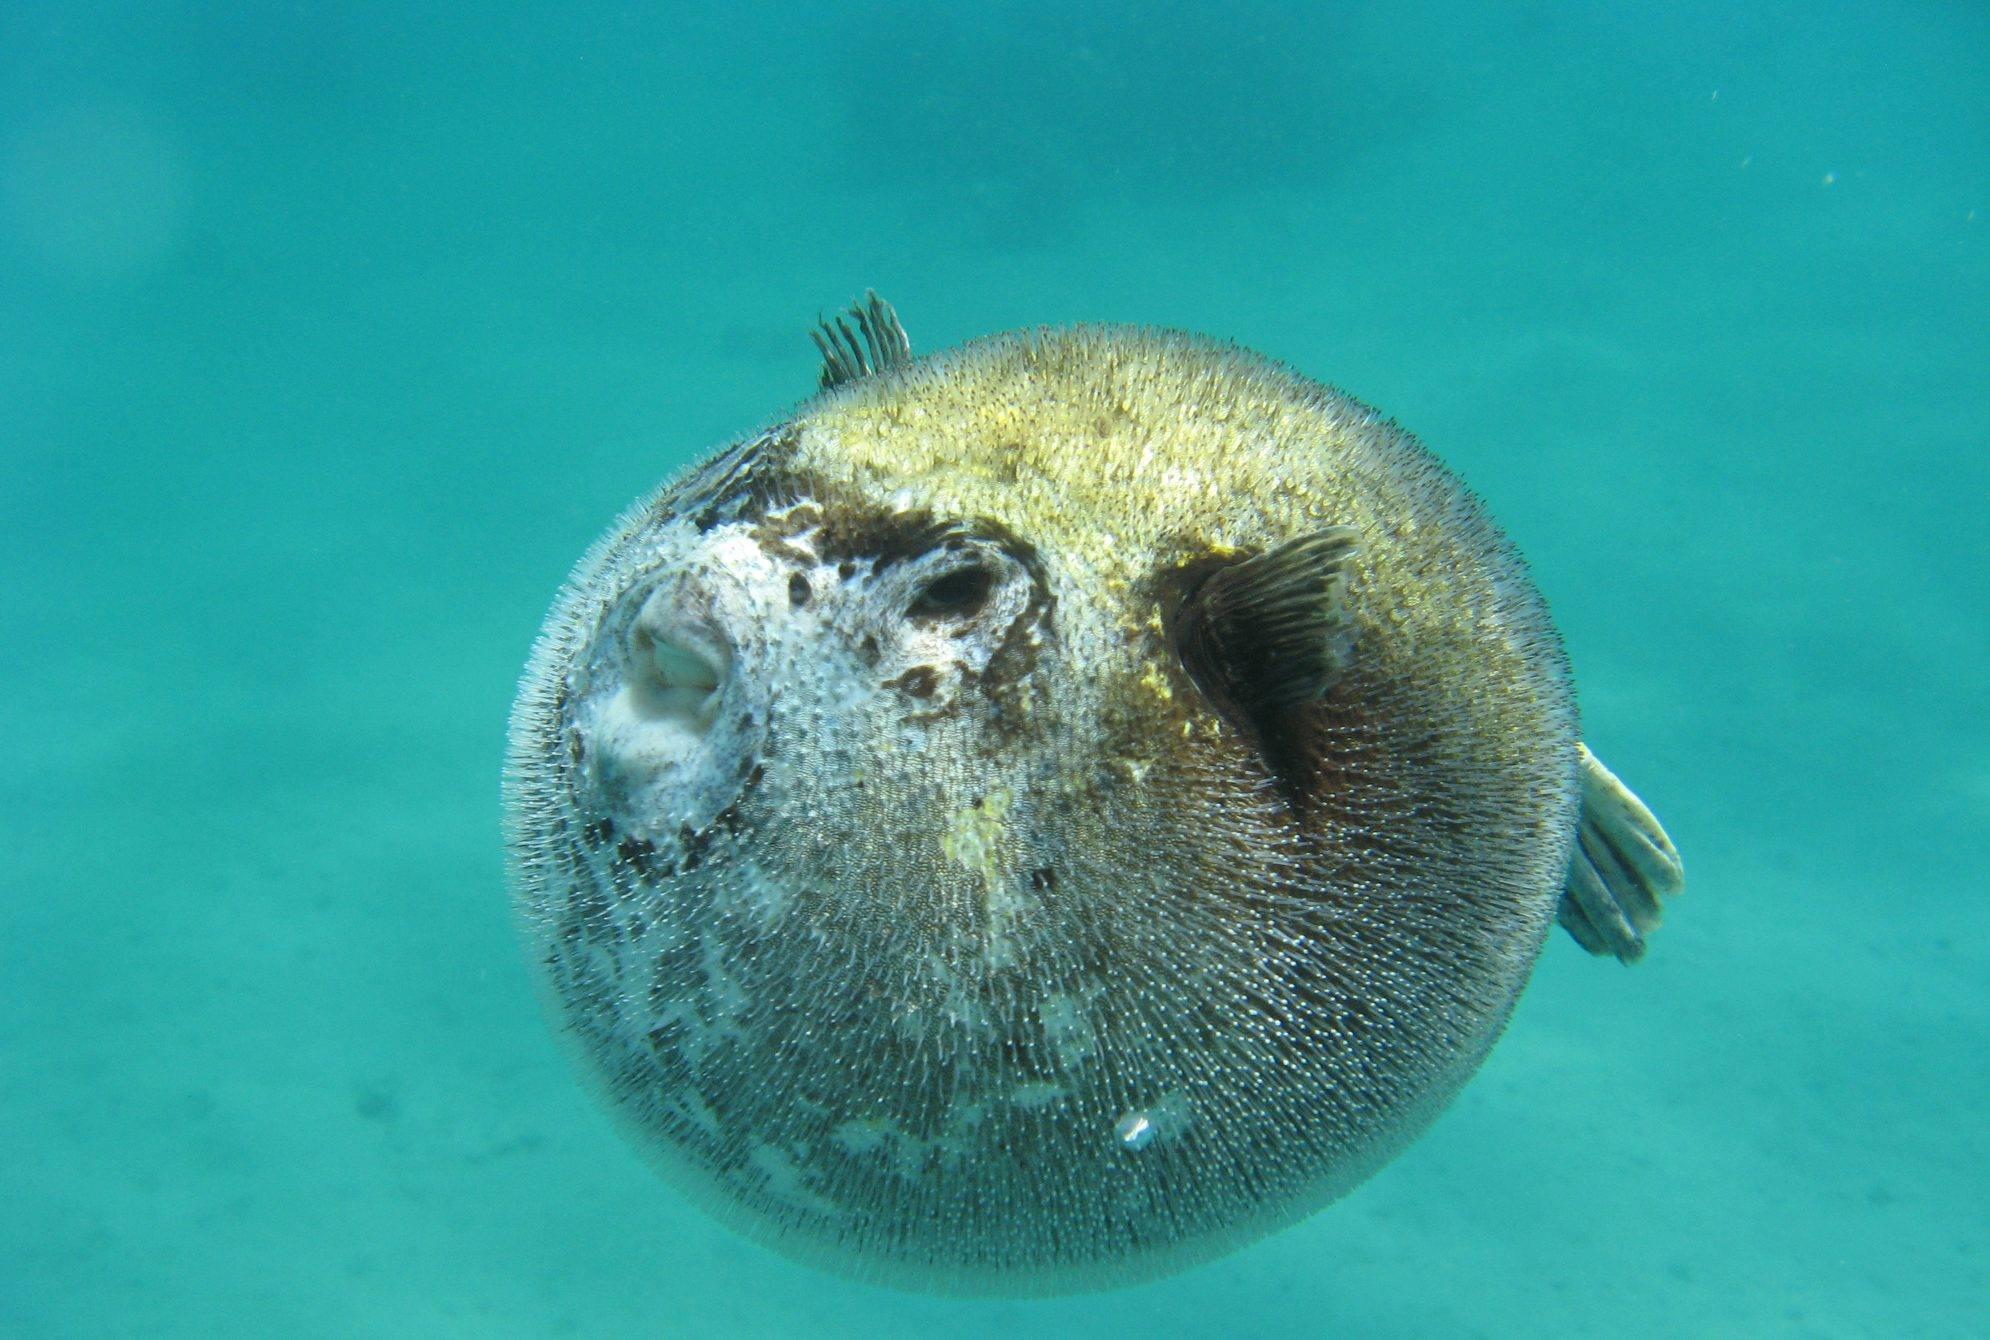 Сиамский петушок: виды, условия содержания рыбки, разведение